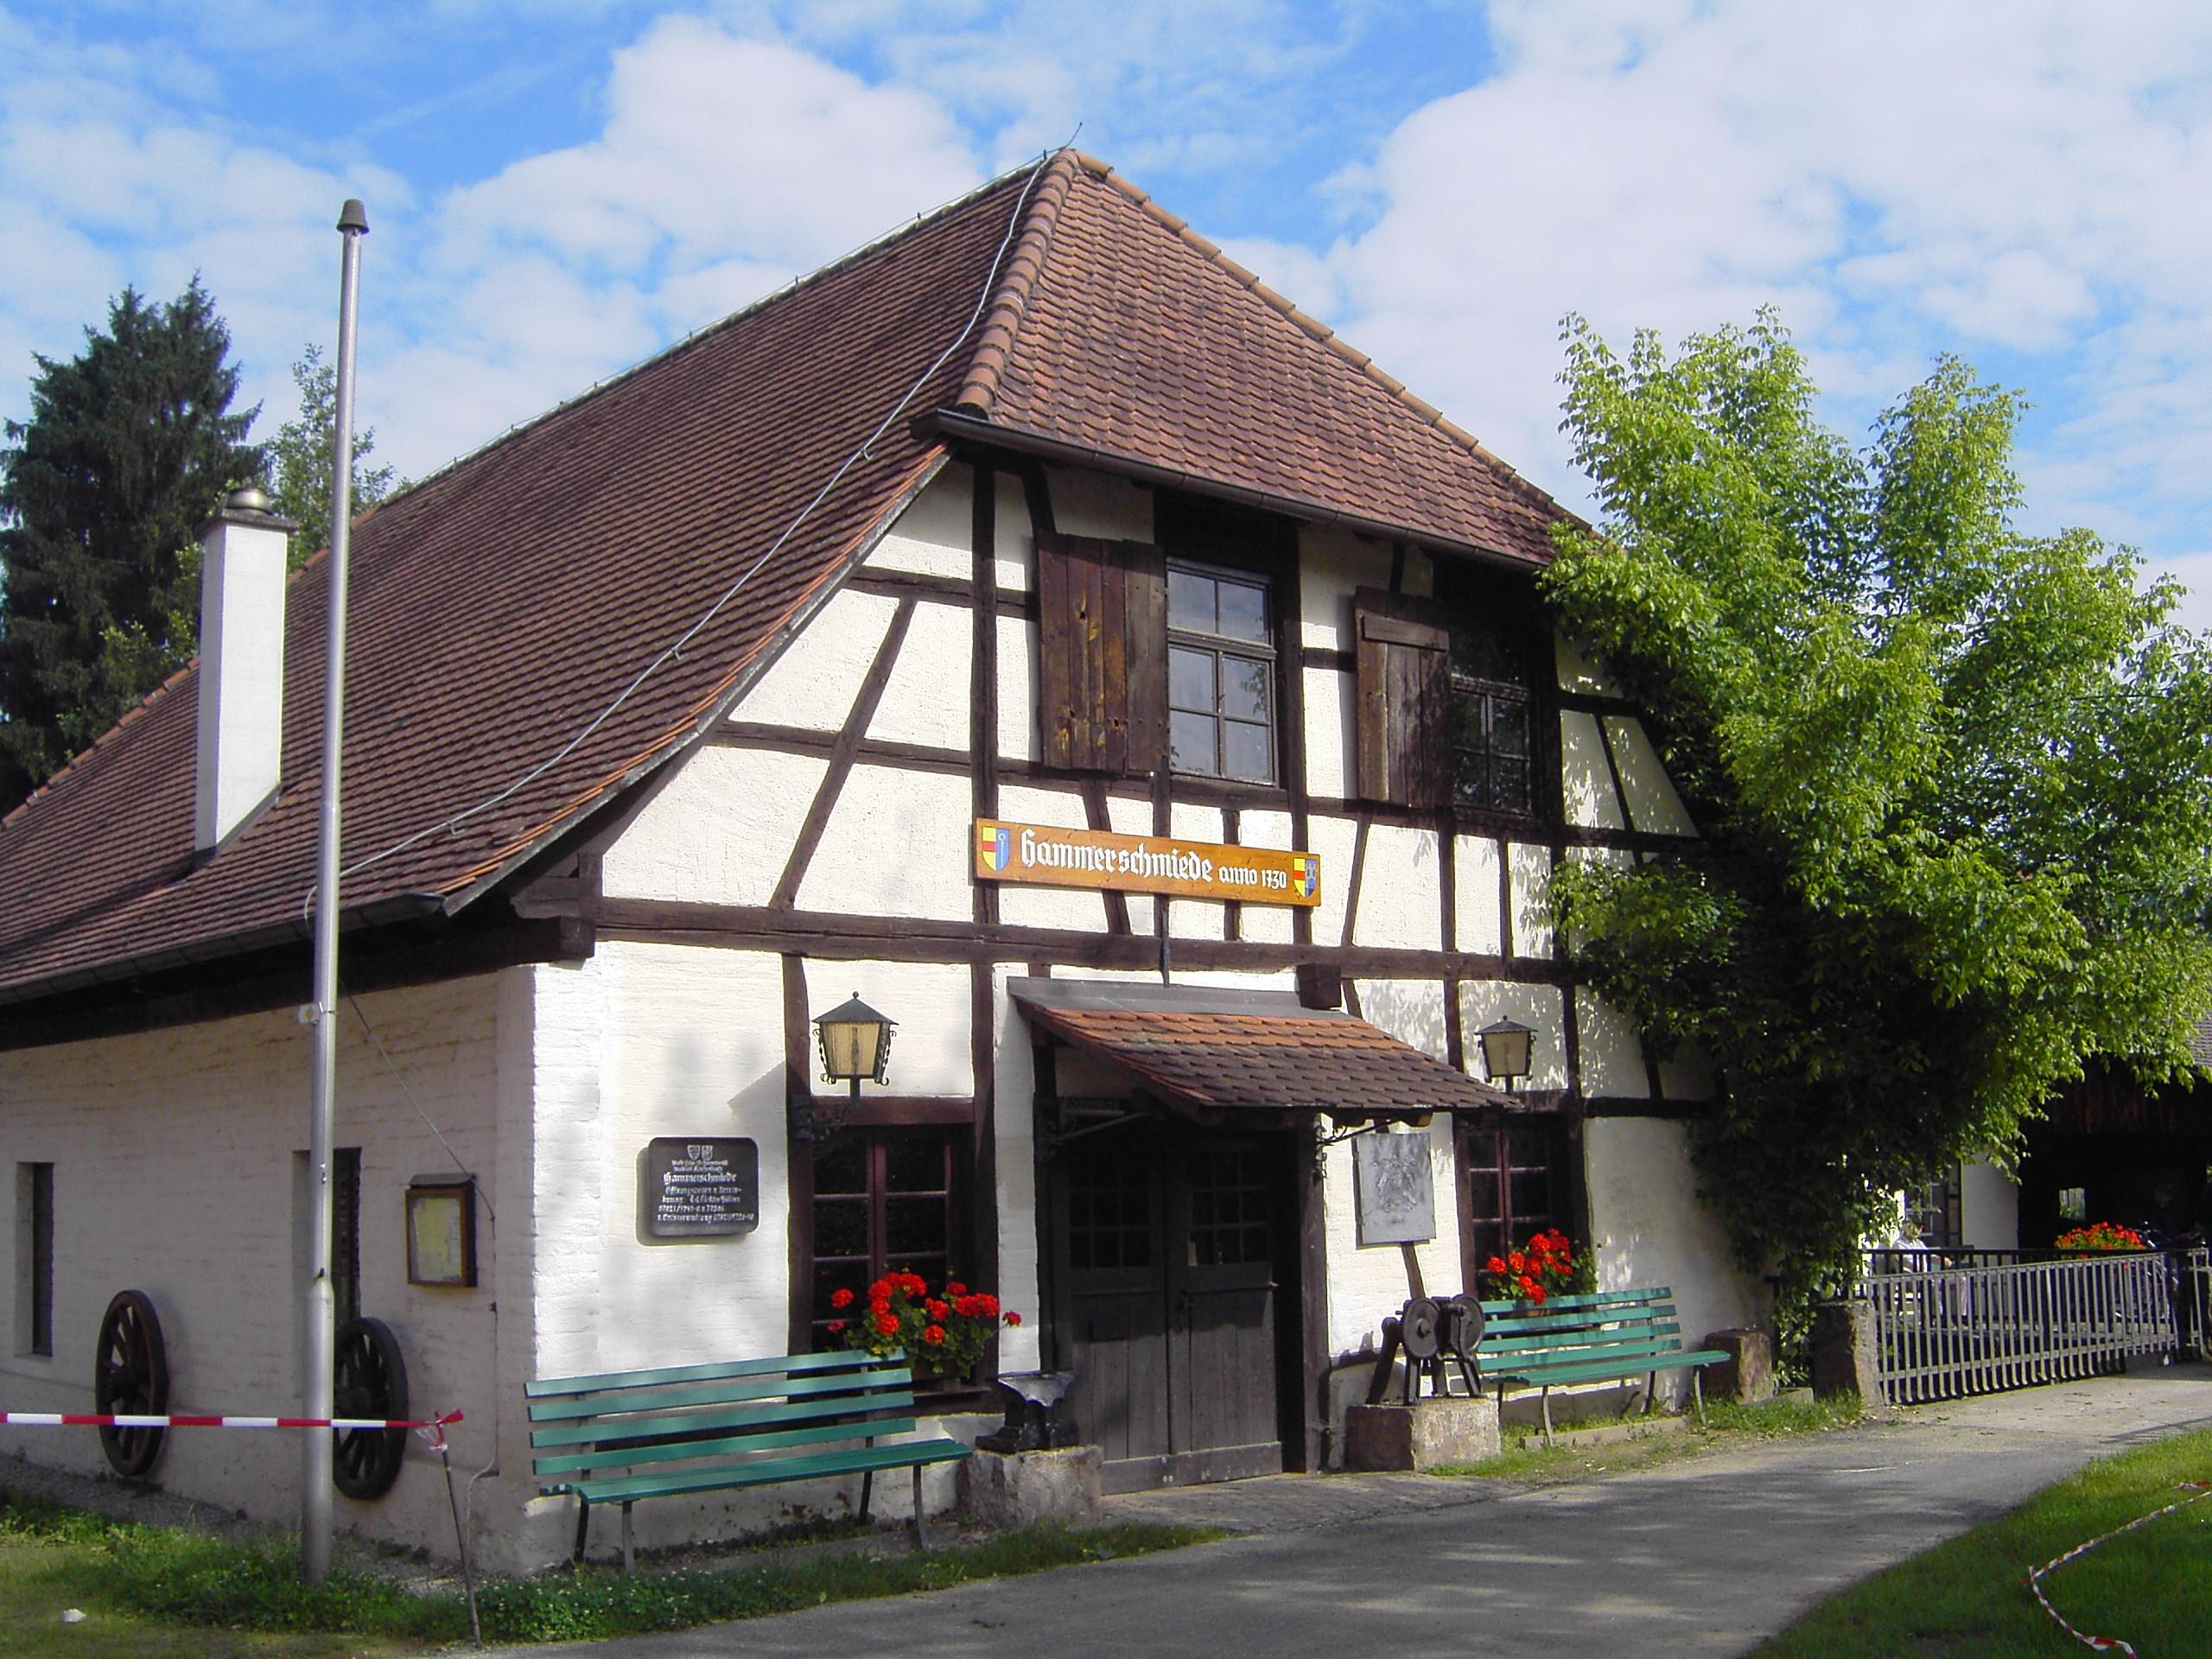 Hammerschmiede, Vereinsheim des Schwarzwaldvereins Reichenbach